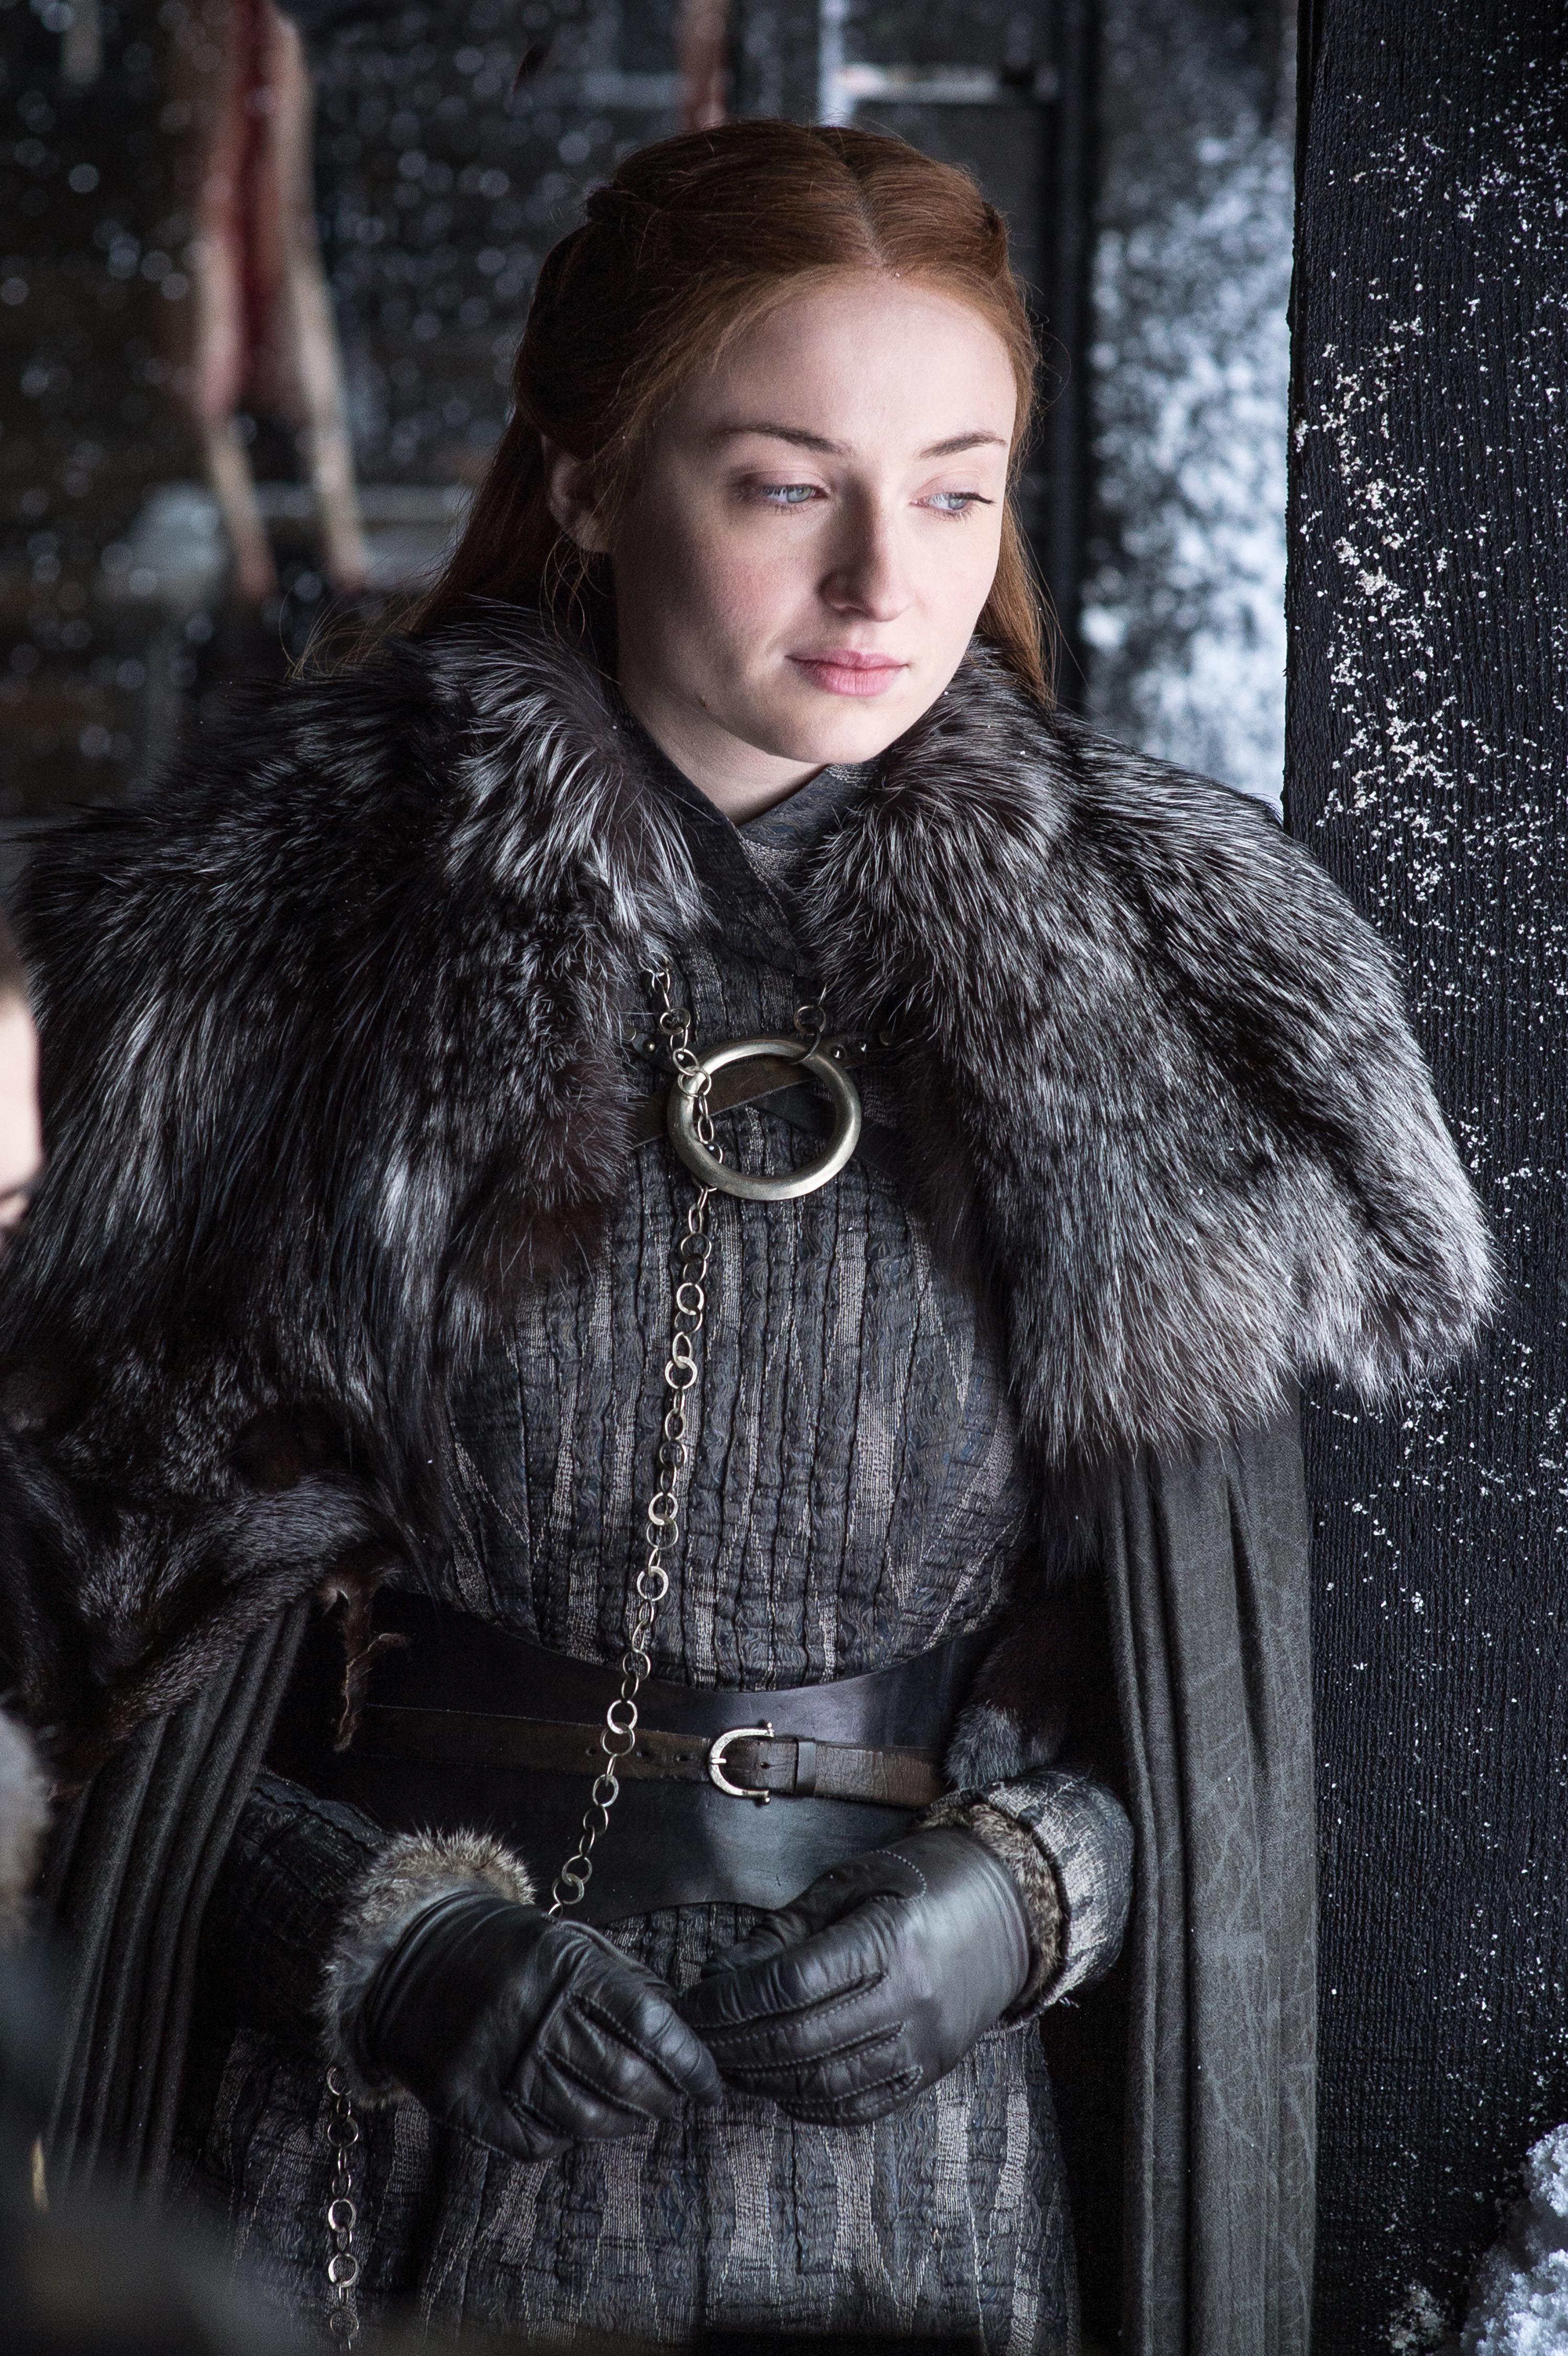 Arya Stark And Sansa Stark Game Of Thrones Season 7 In 1080x1920 Resolution Maisie Williams Sansa Stark Arya Stark